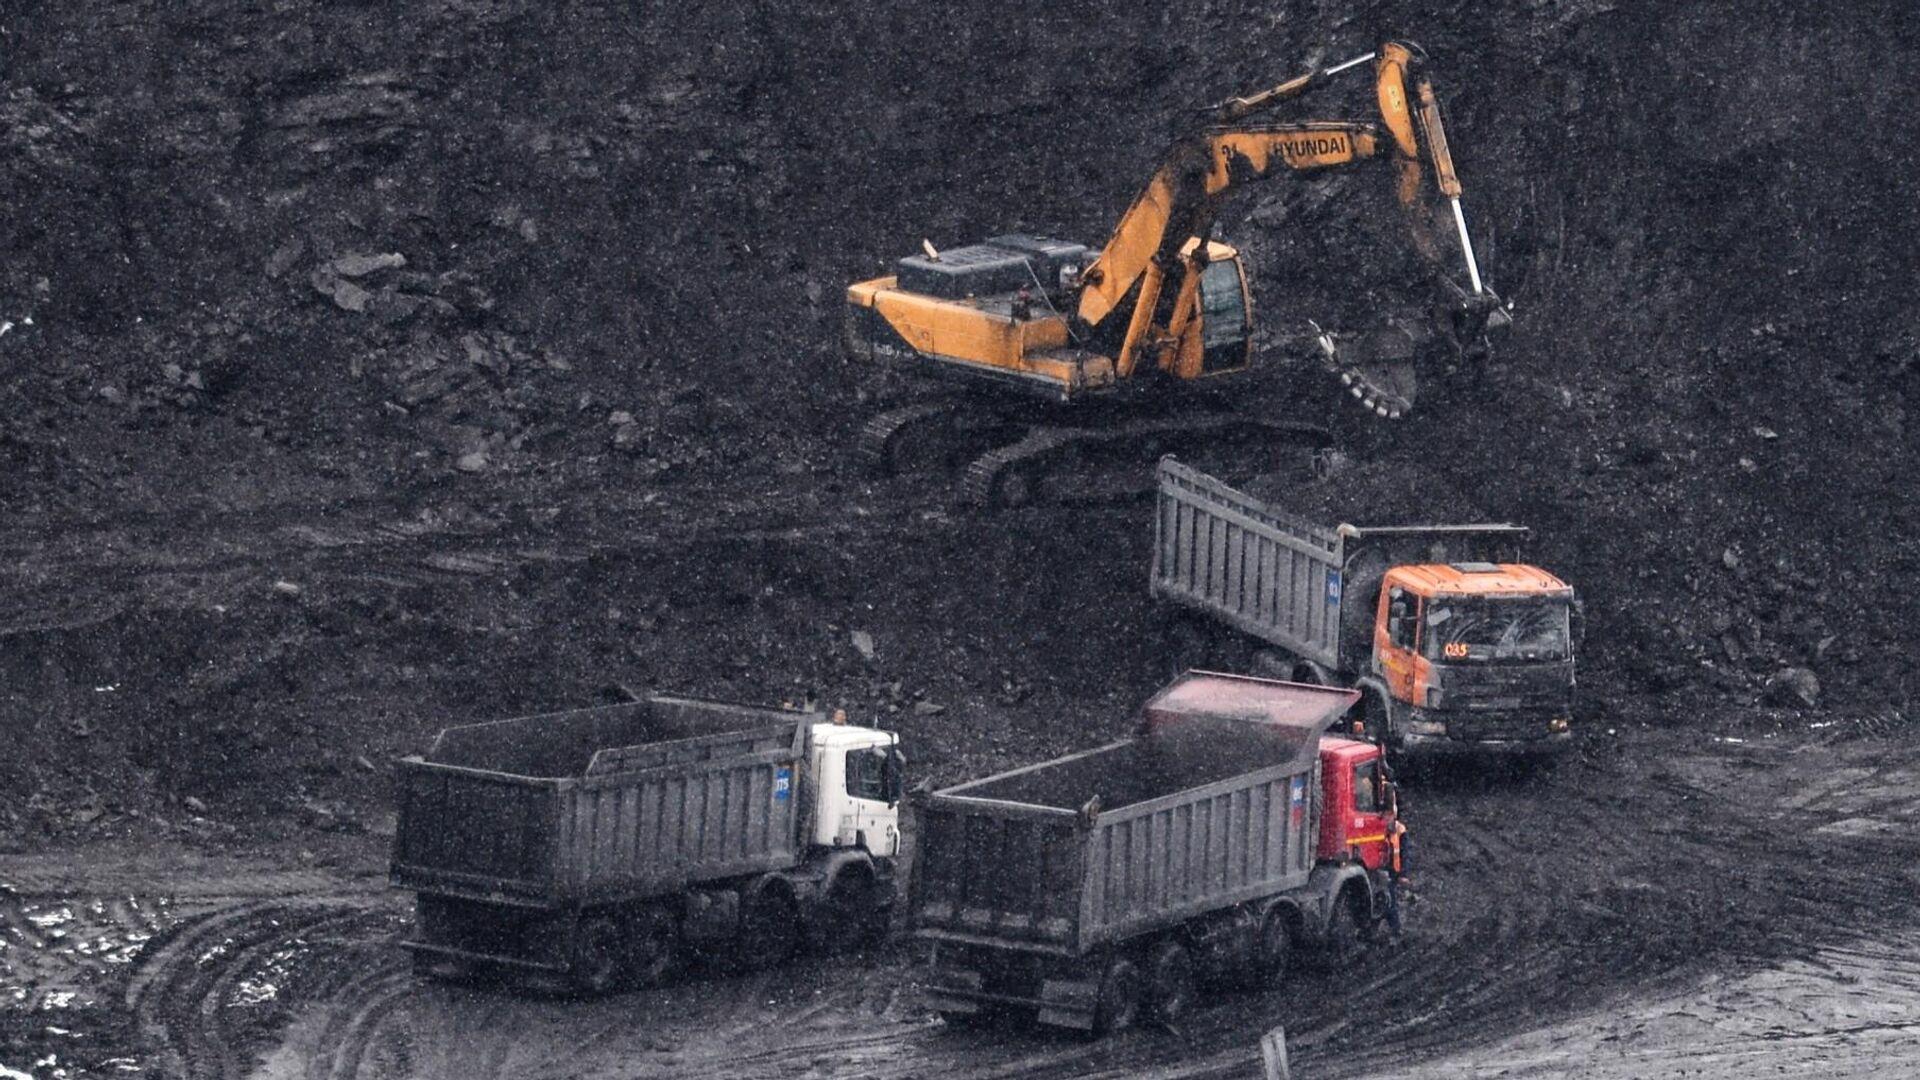 1574763256 569:325:2377:1342 1920x0 80 0 0 f07a31900df7c708a15fc60488d88820 - МЭР ожидает снижения добычи угля в России на 10,5 процента в этом году